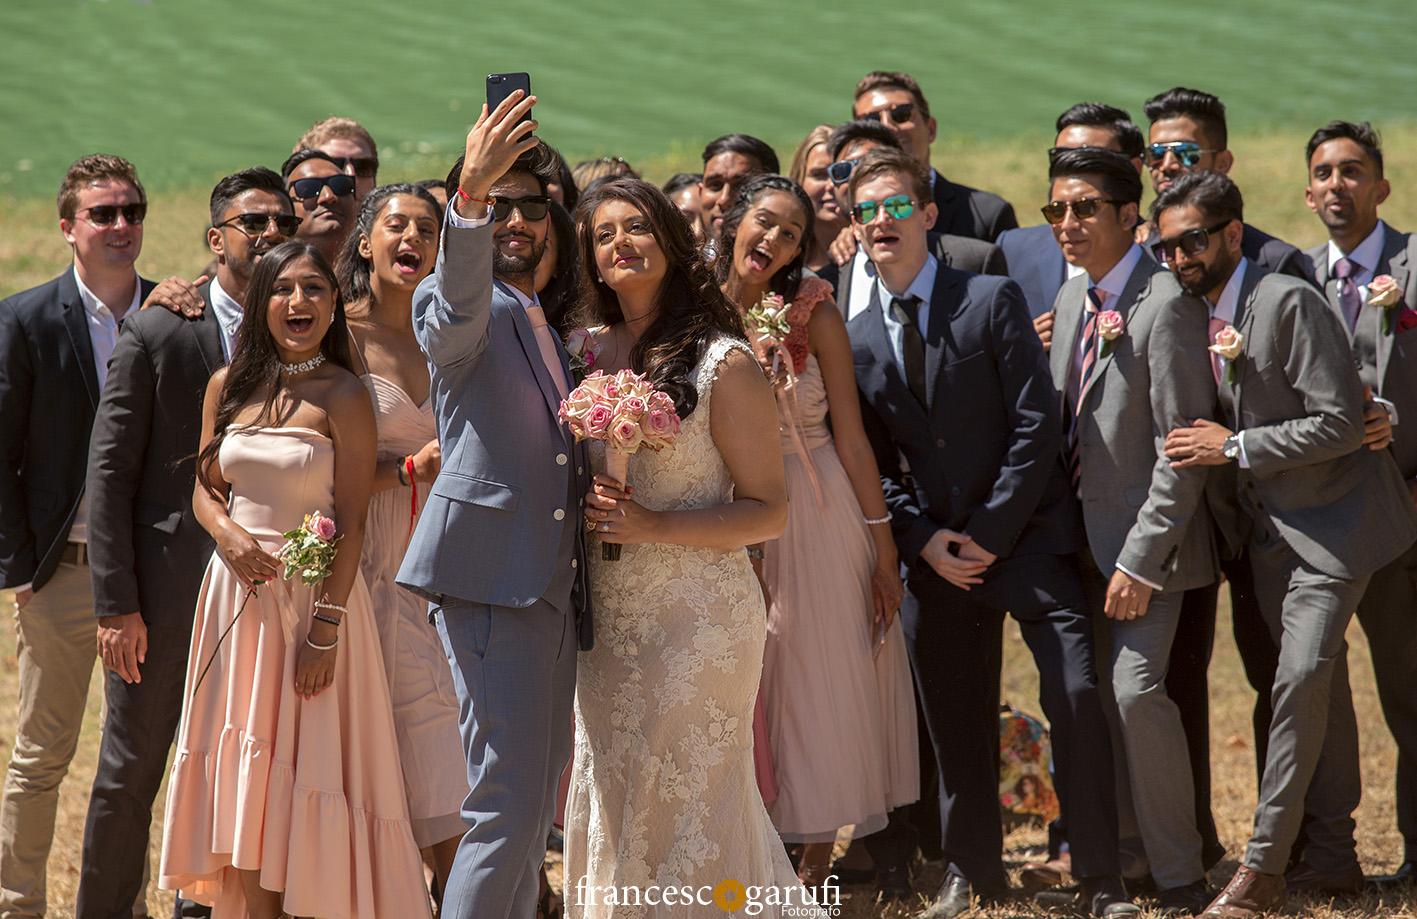 foto di gruppo di due sposi indiani con gli invitati